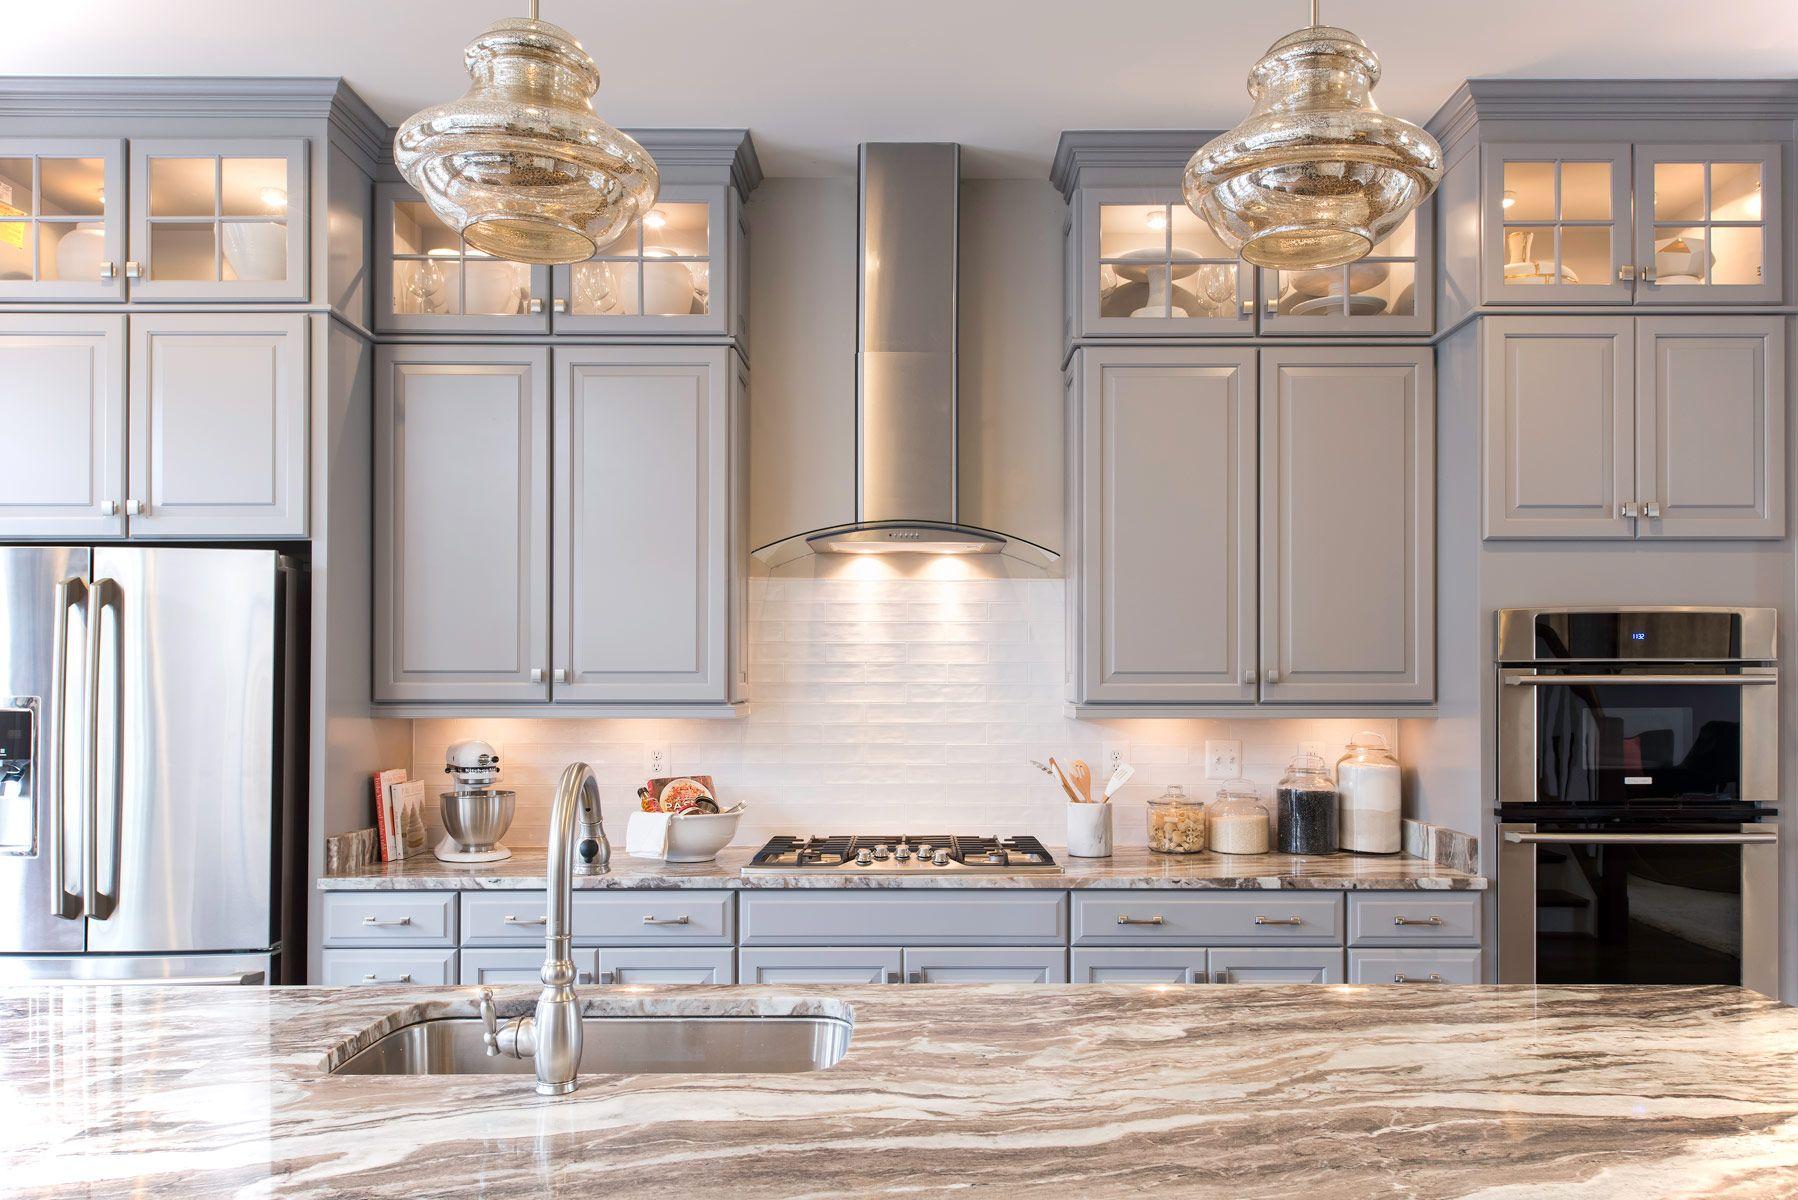 The Kensington Home Decor Kitchen Home Kitchen Design